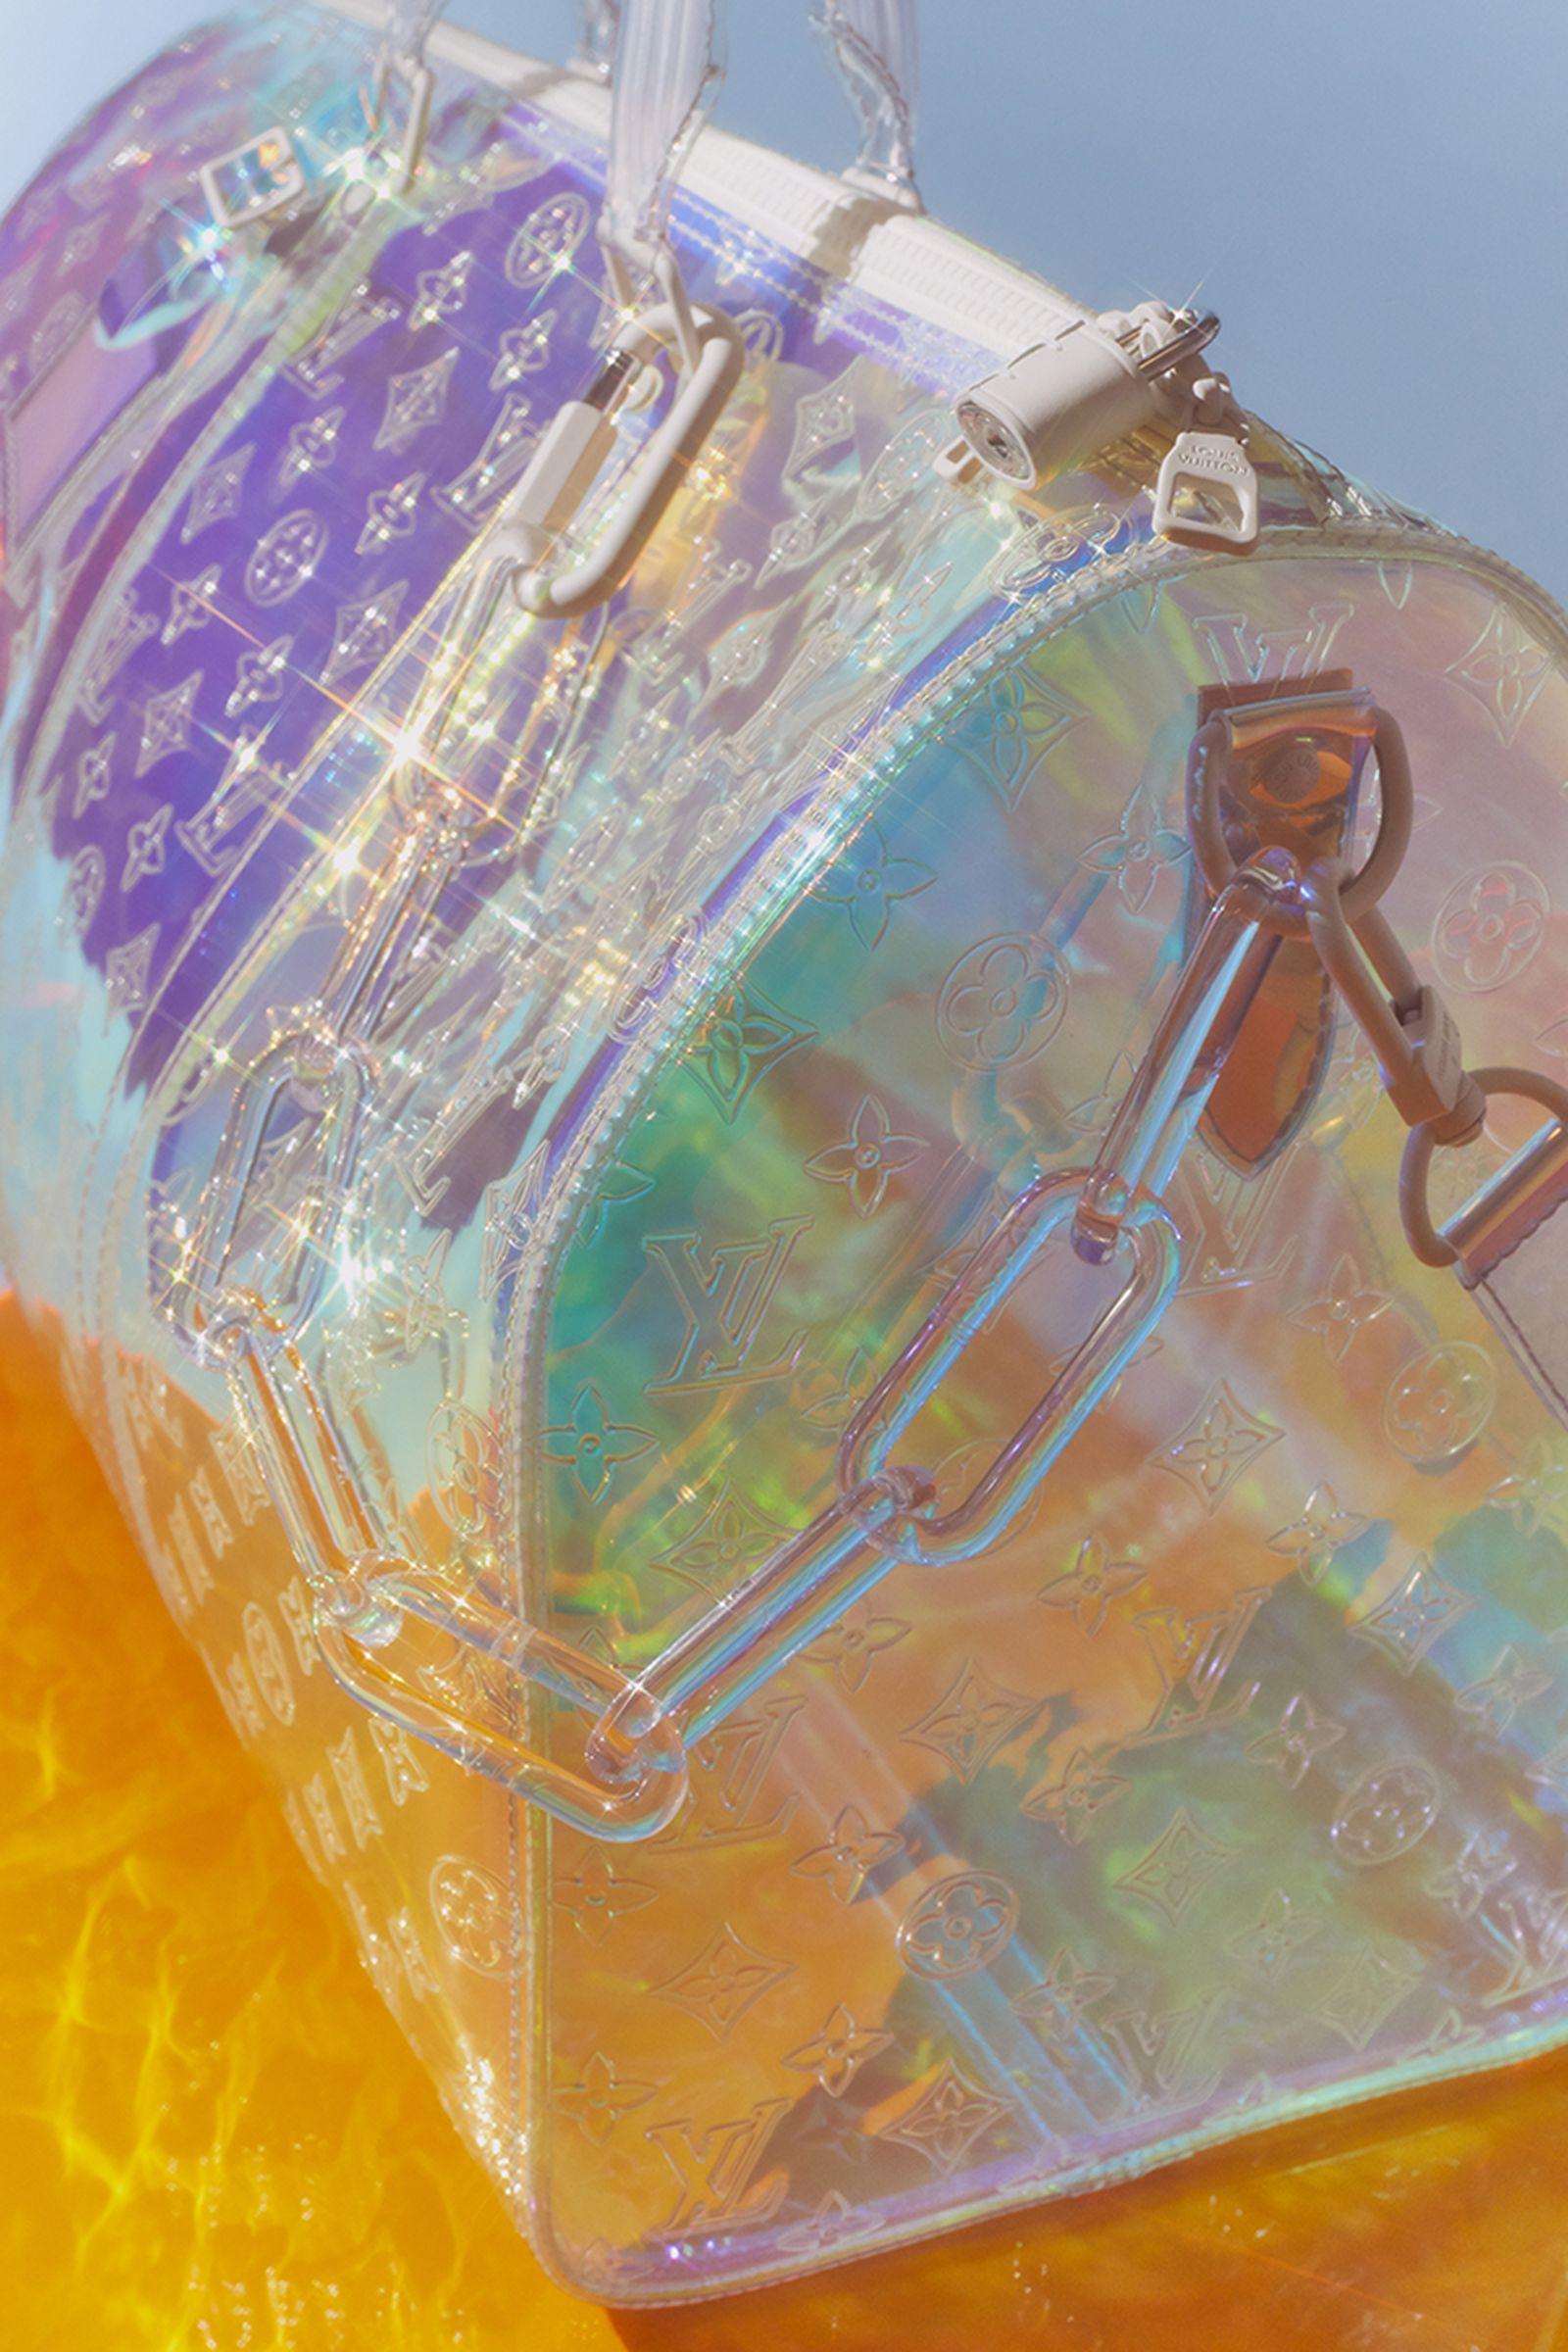 closeup2 Louis Vuitton StockX virgil abloh